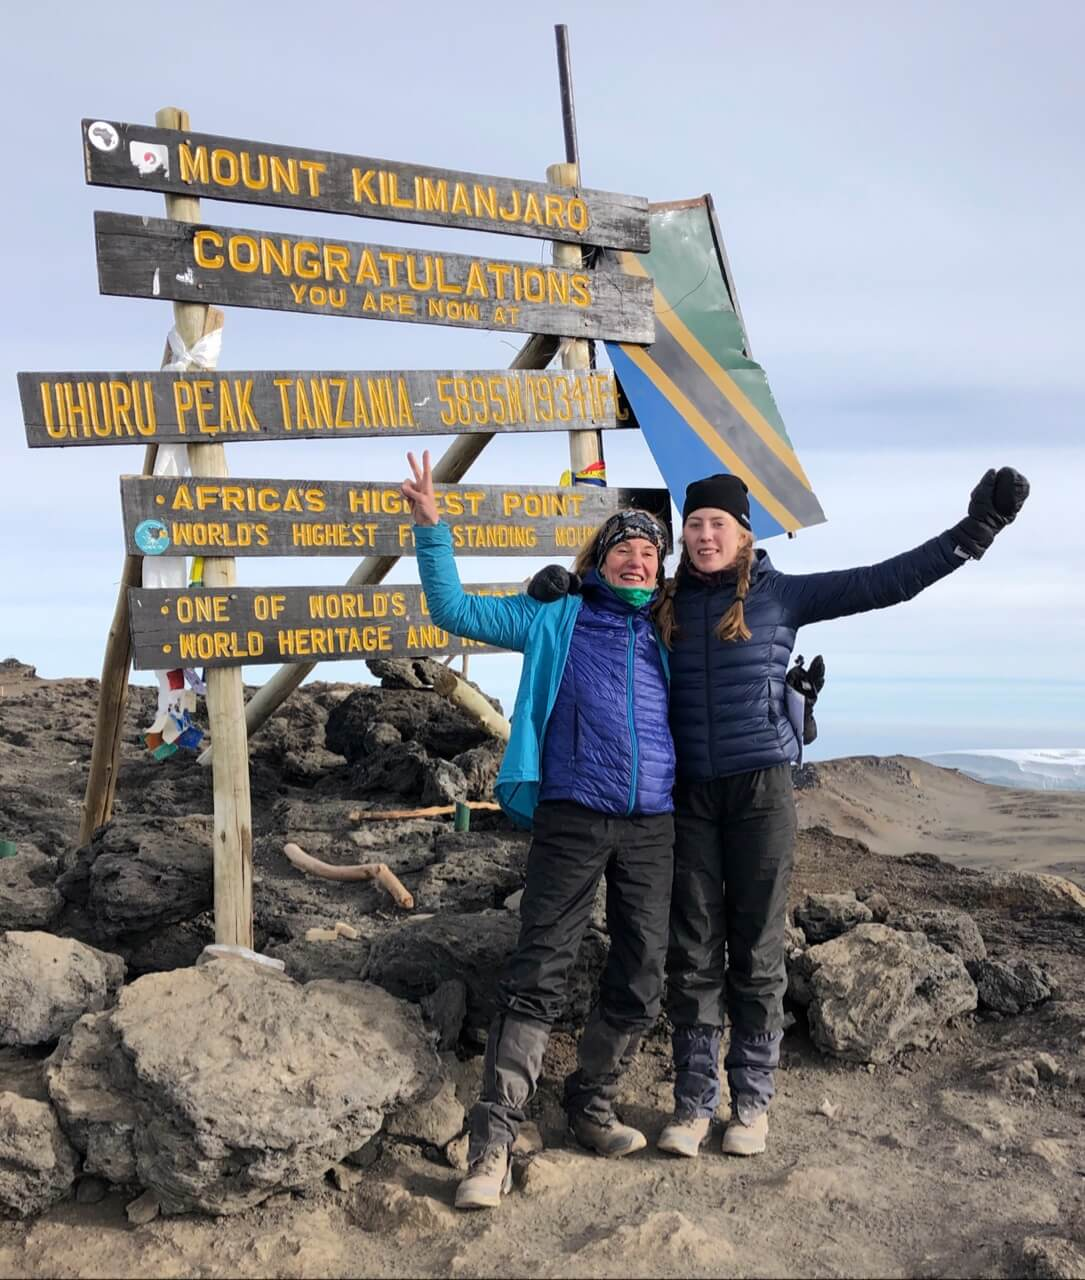 Mount Kilimanjaro is 'kers op' e taart 'en moat natuerlik bliuwe